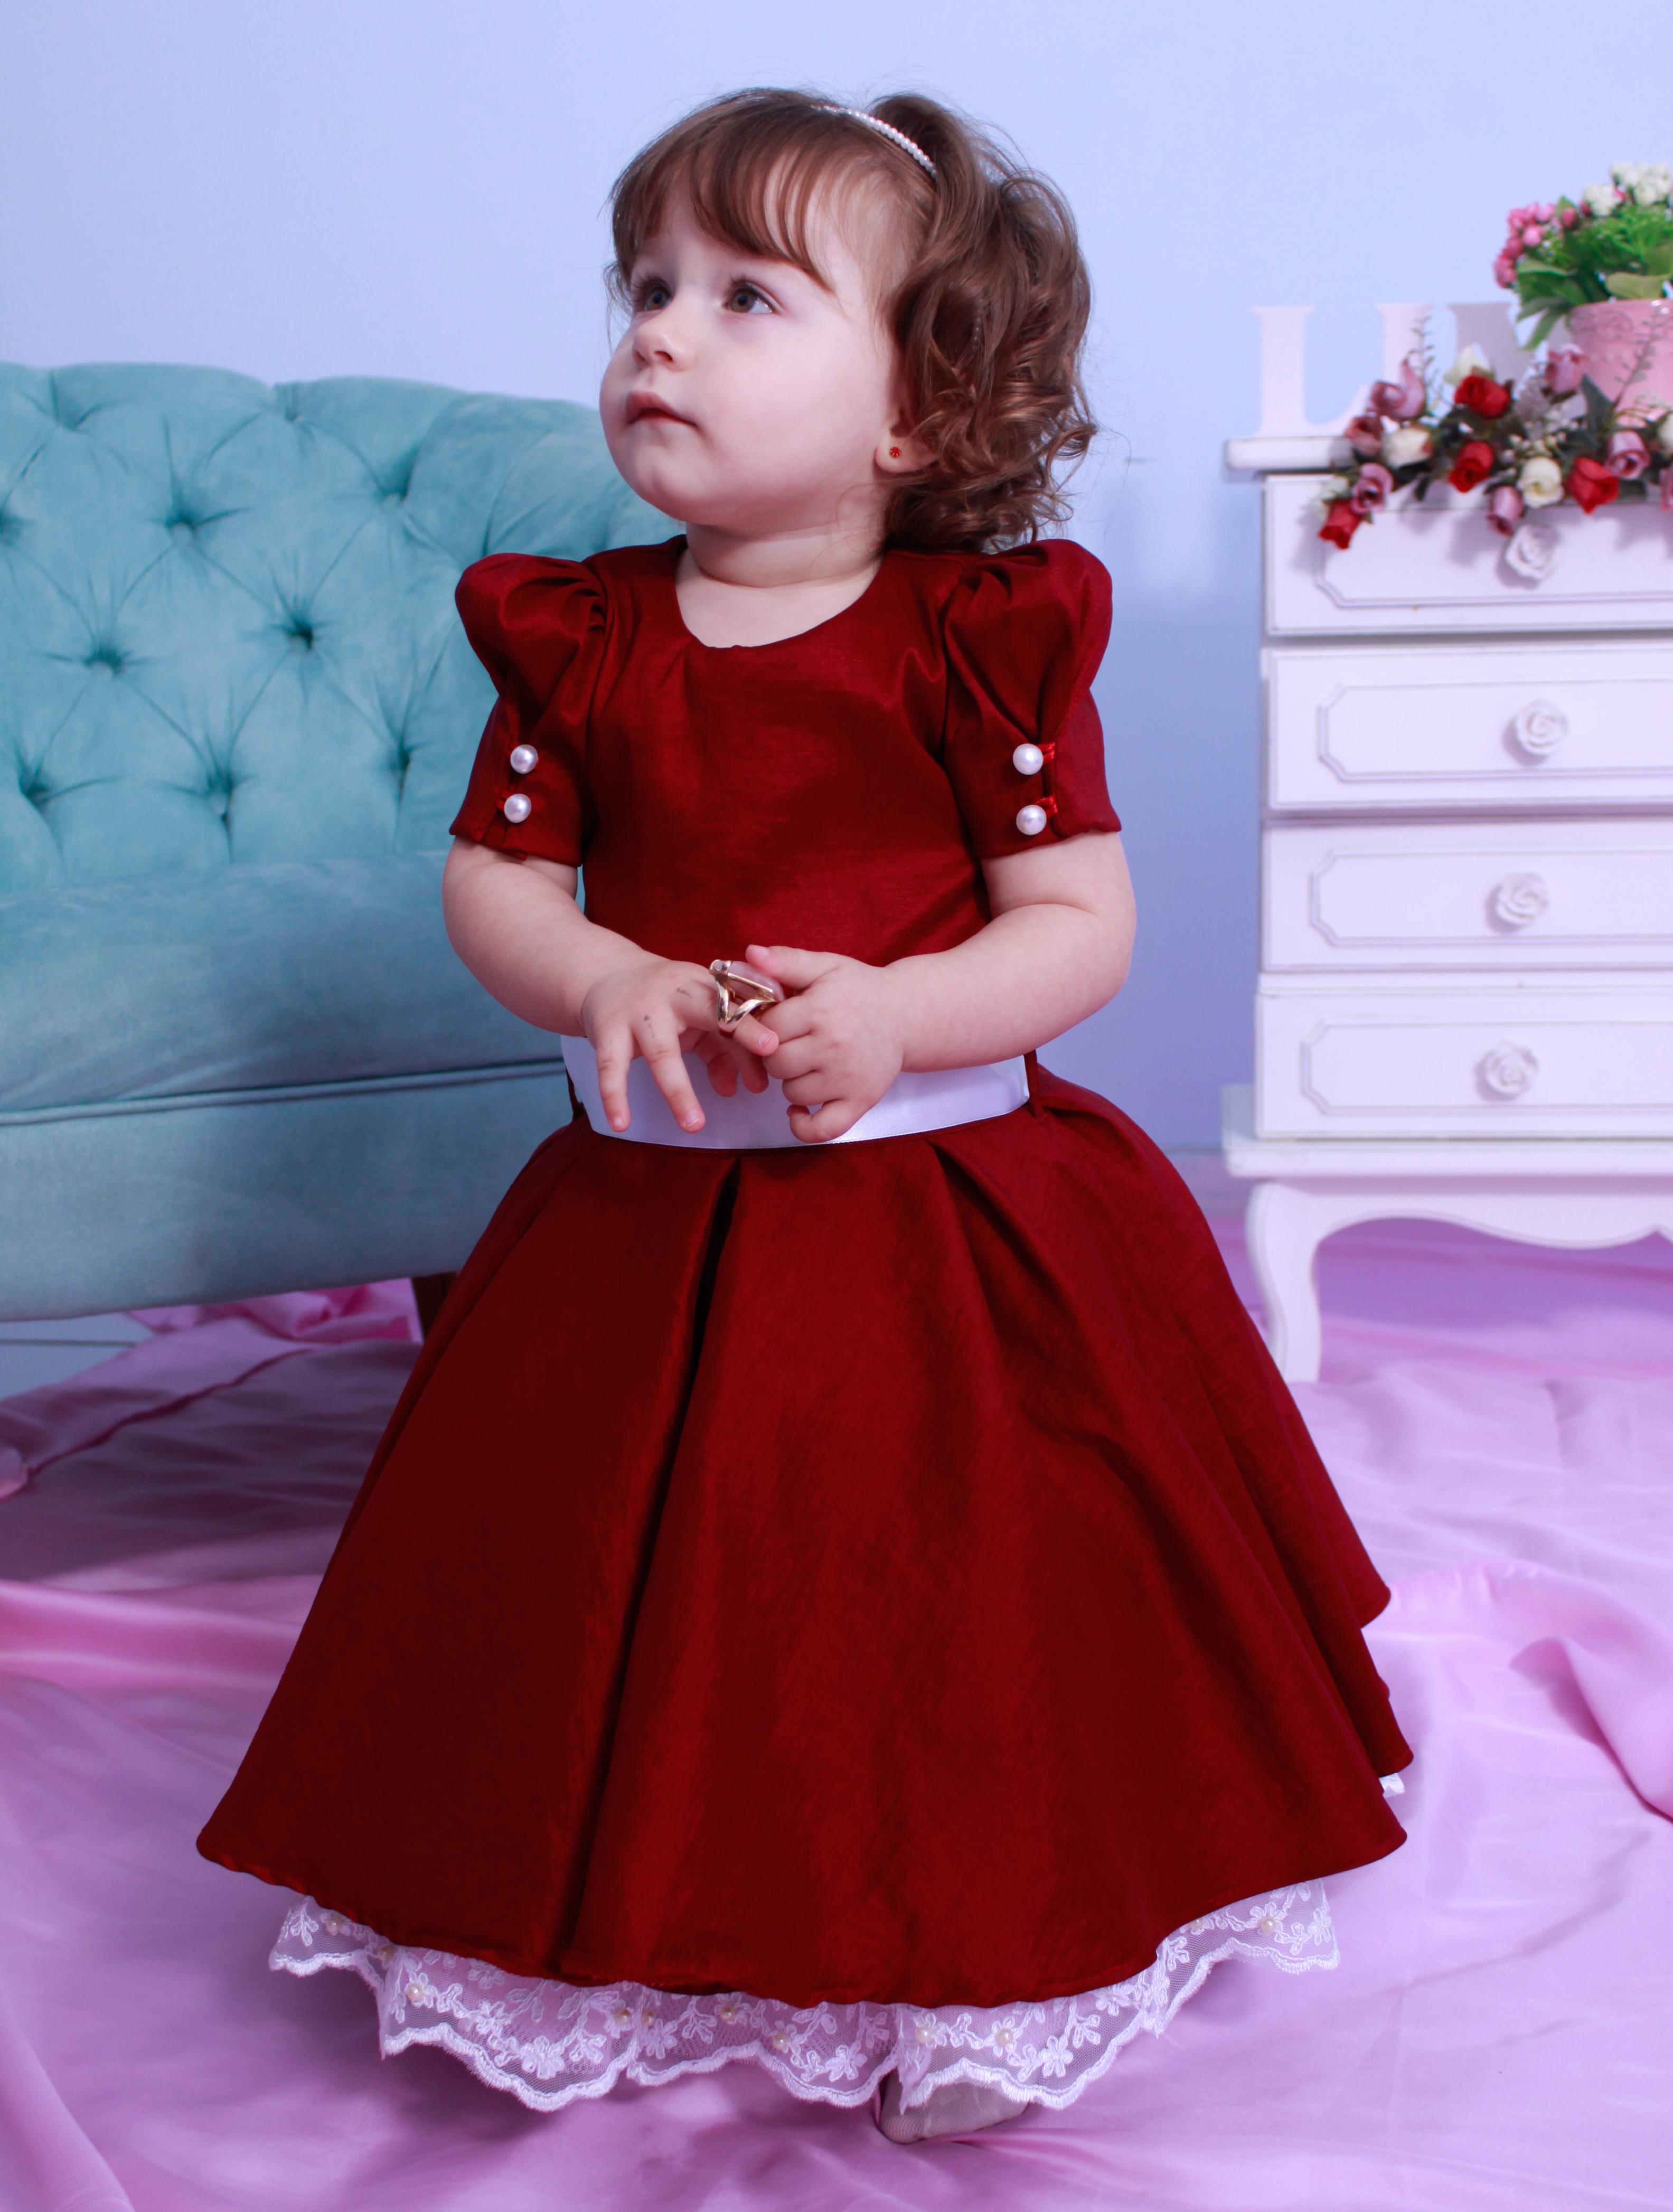 3de7fce7c3 Vestido de Festa Vinho - Infantil no Elo7